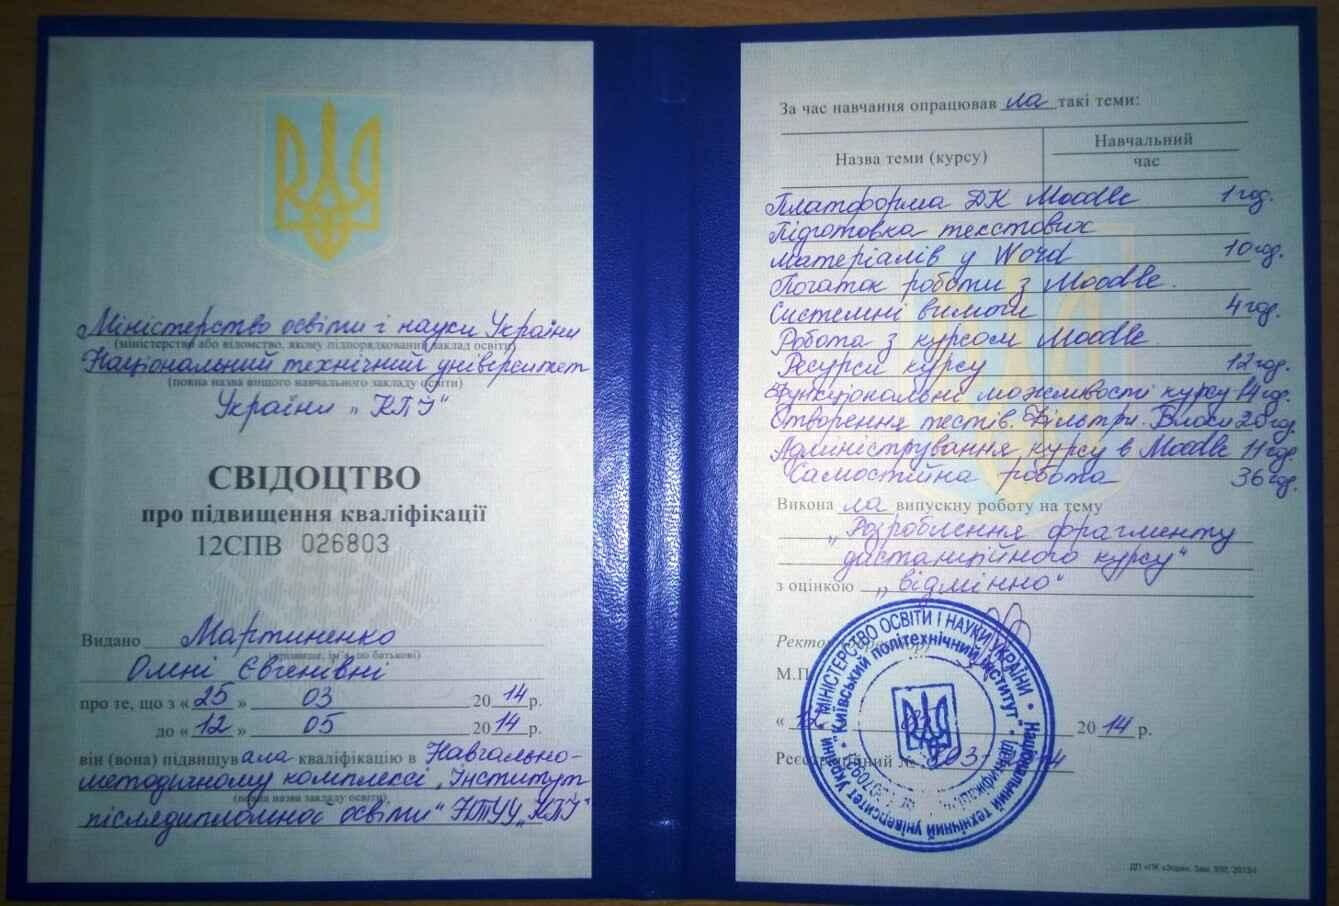 Moodle-certificate